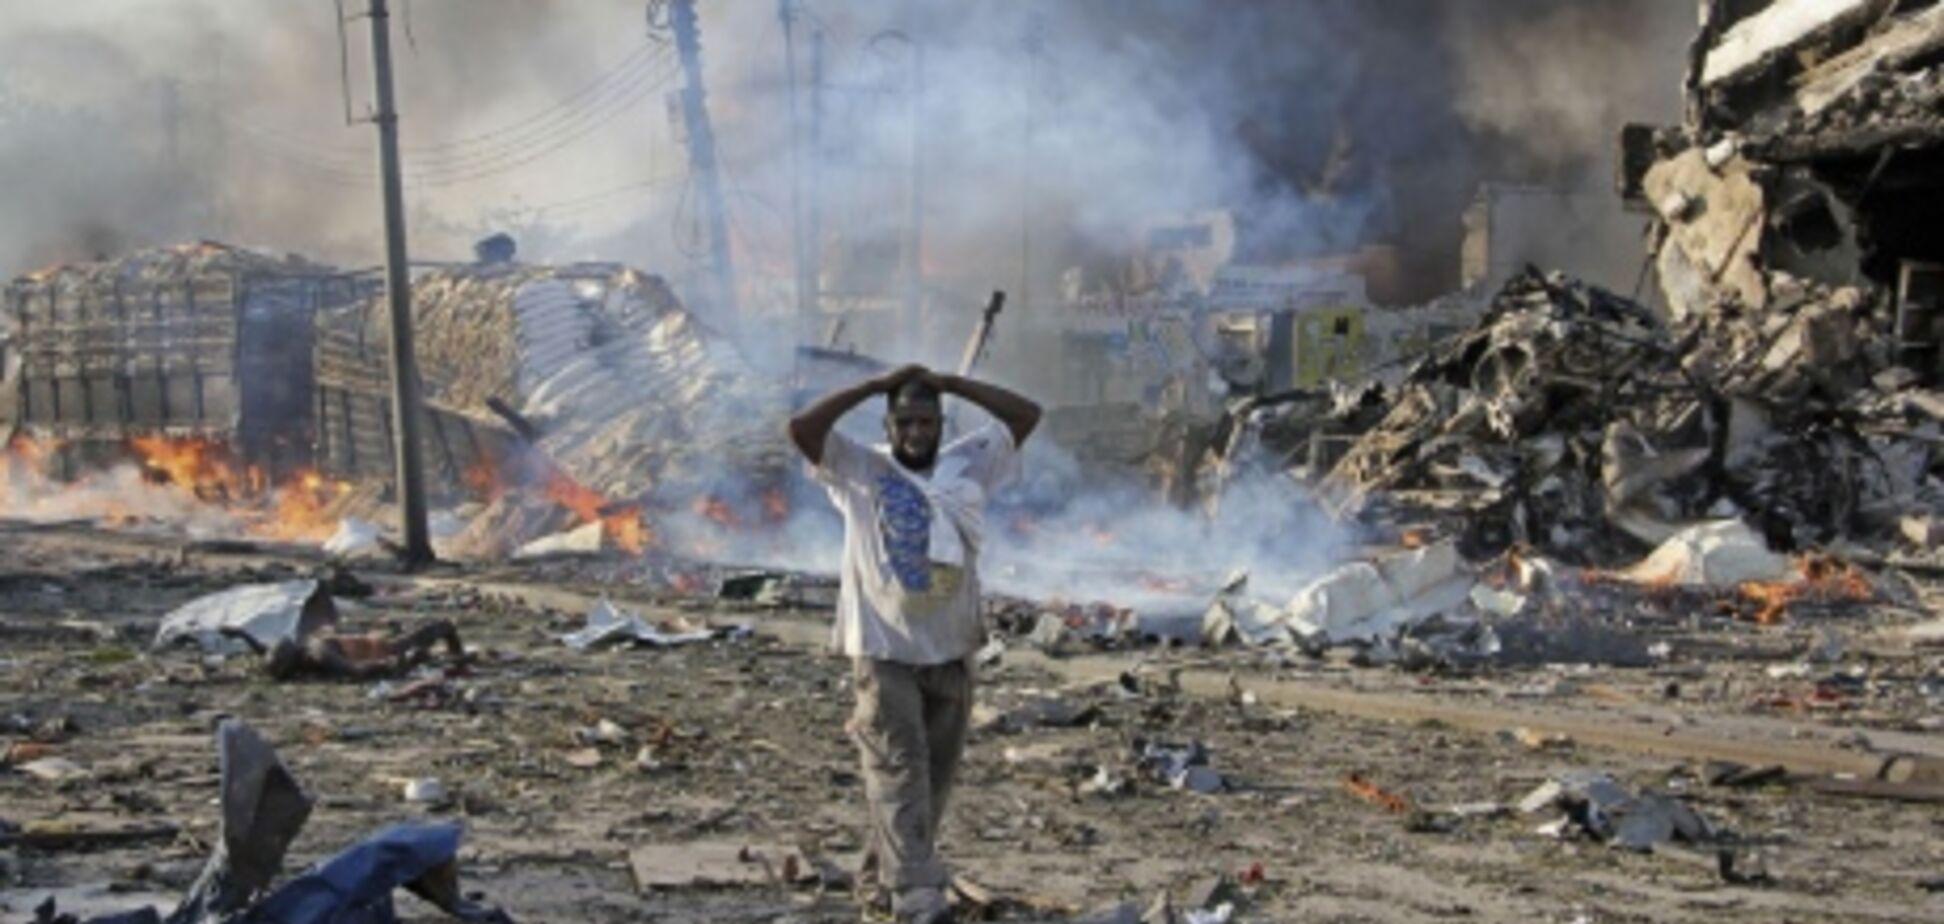 У Сомалі стався страшний теракт: сотні загиблих і поранених